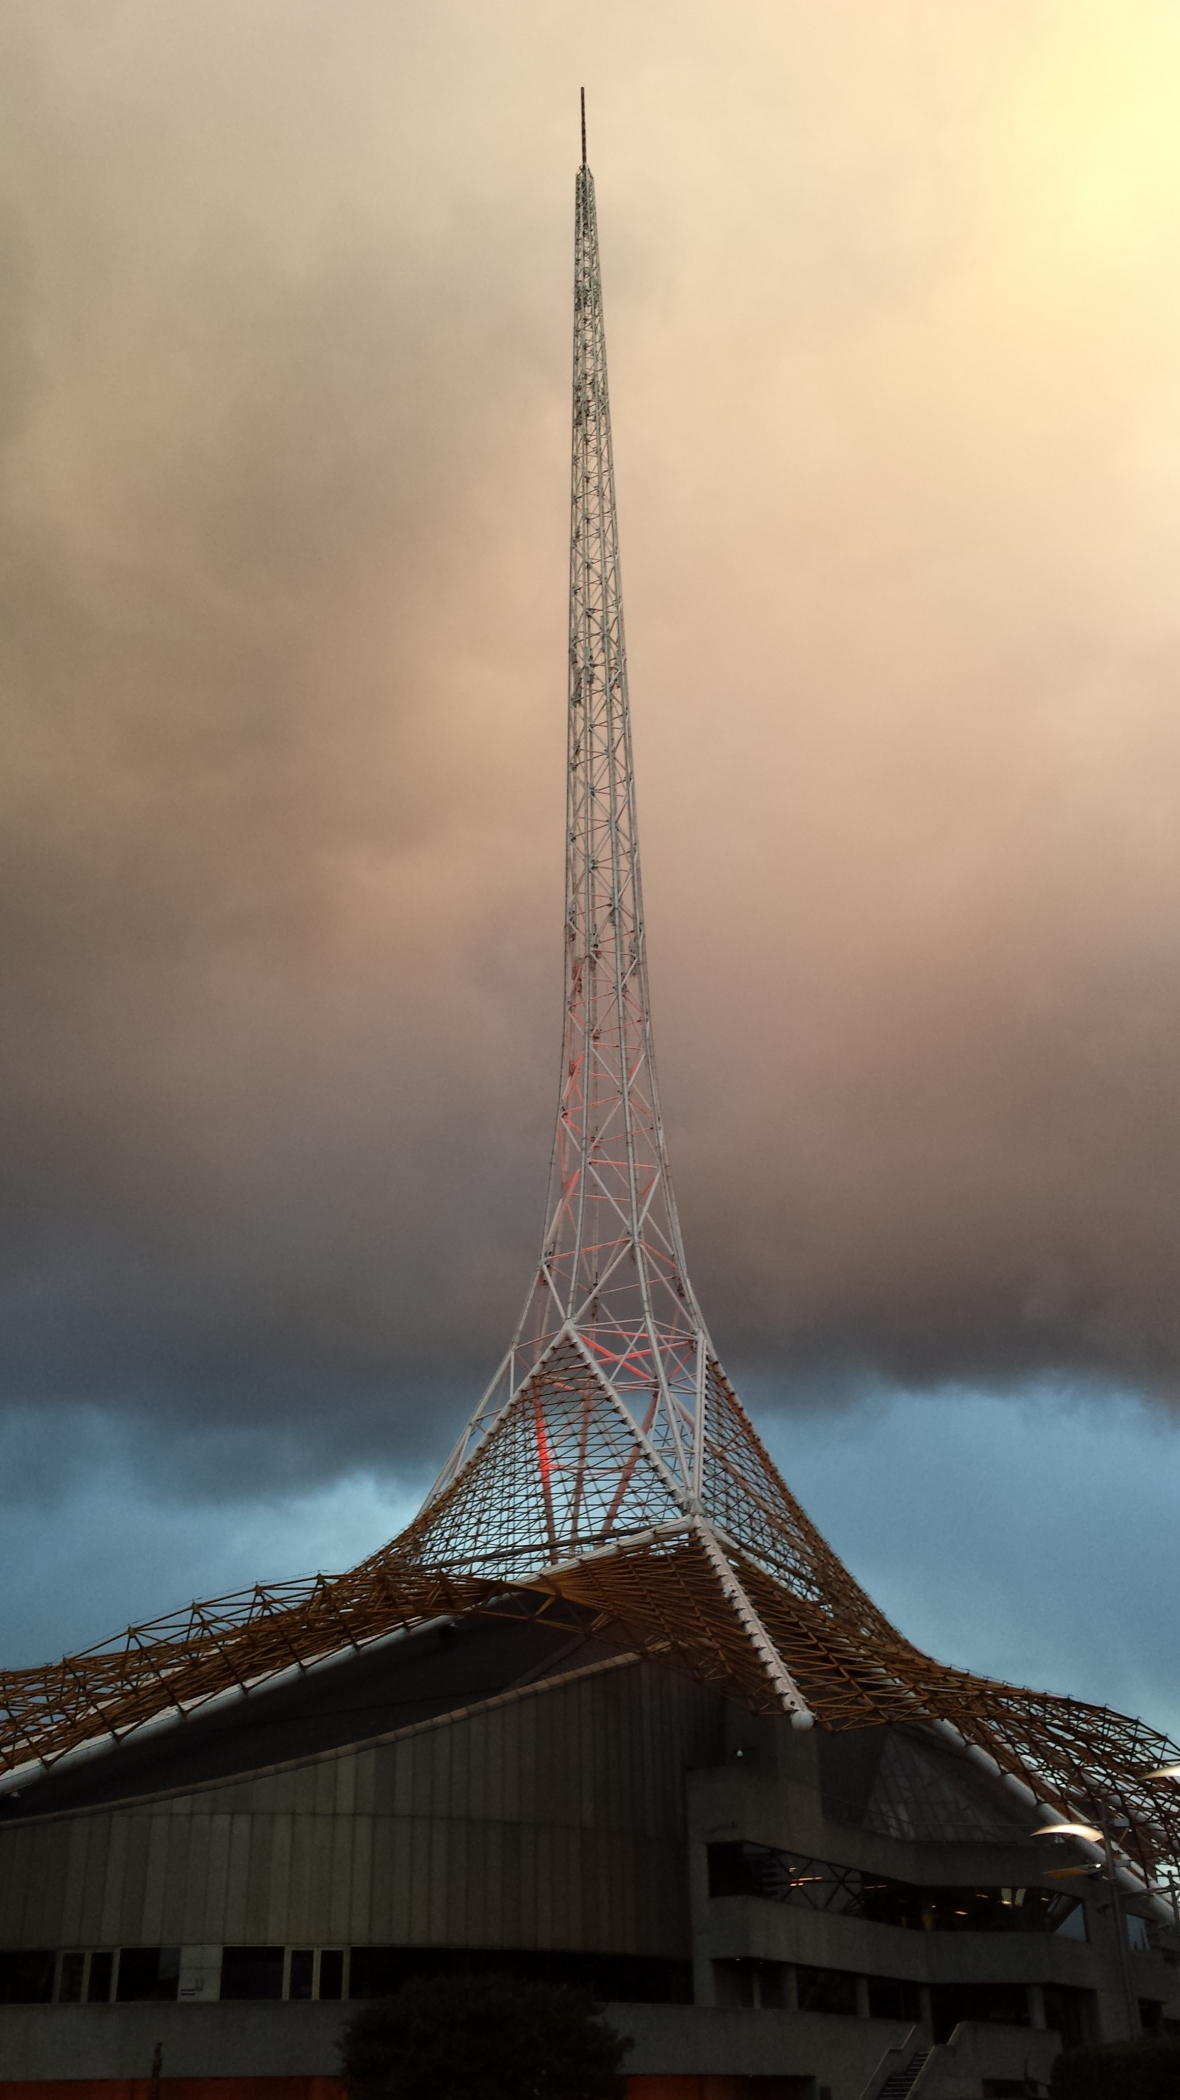 Melbourne art museum